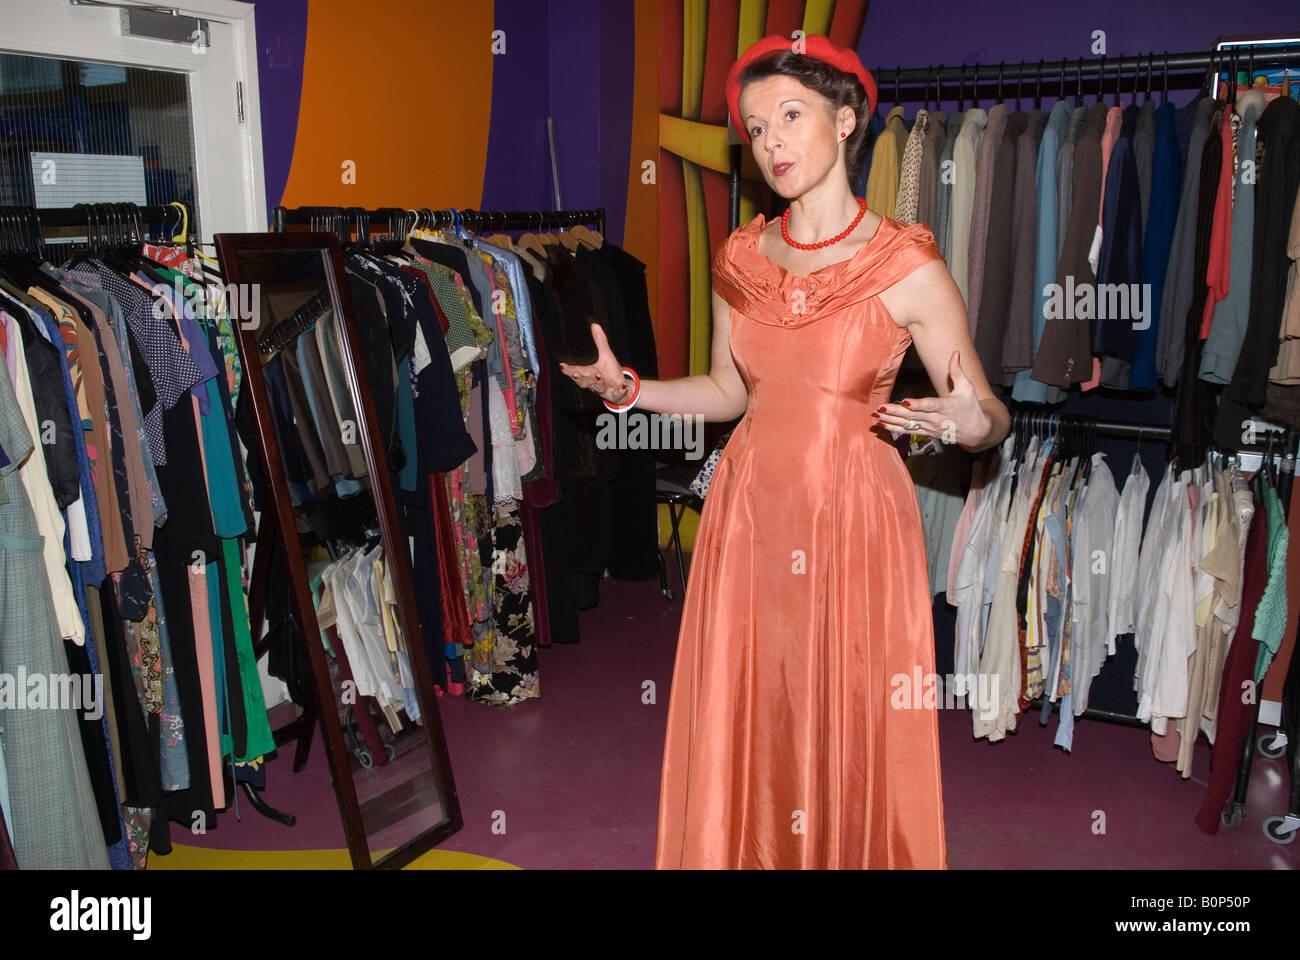 Donna Tentativo Homer Su Sykes Il Indossa Abbigliamento Che Vintage vnm80Nw